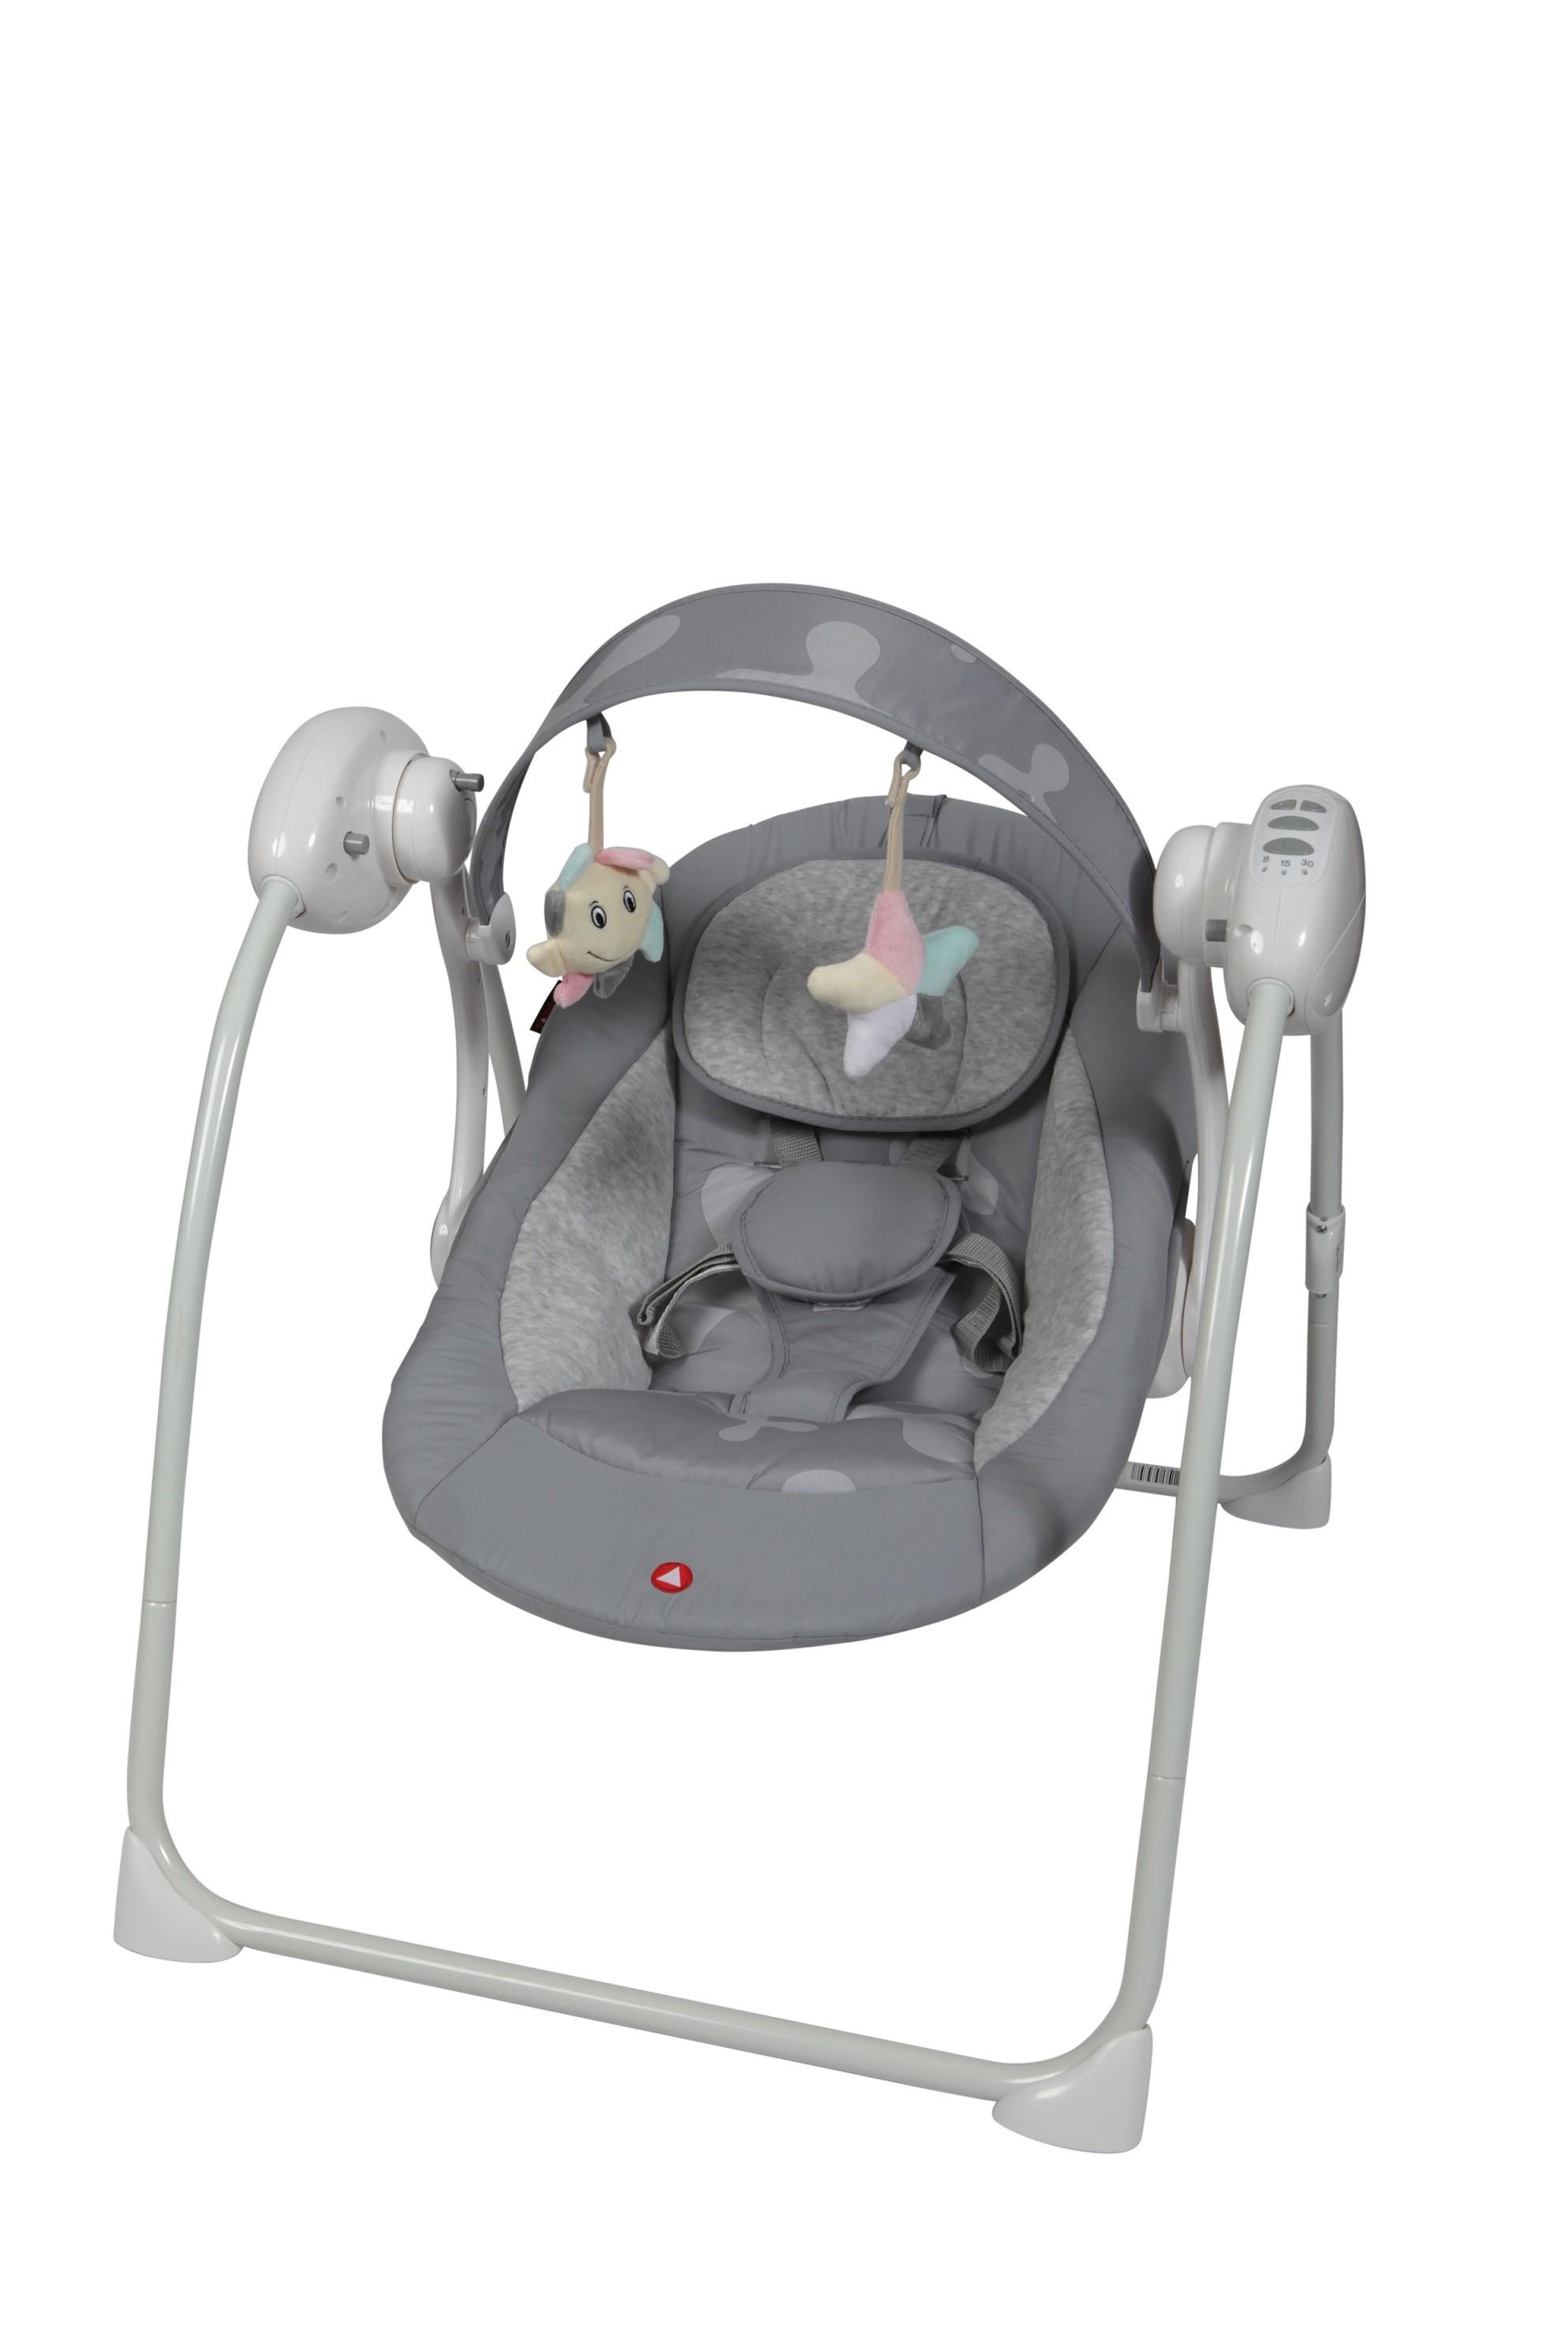 Image of Baby Swing Topmark Noa Grey 04 26253